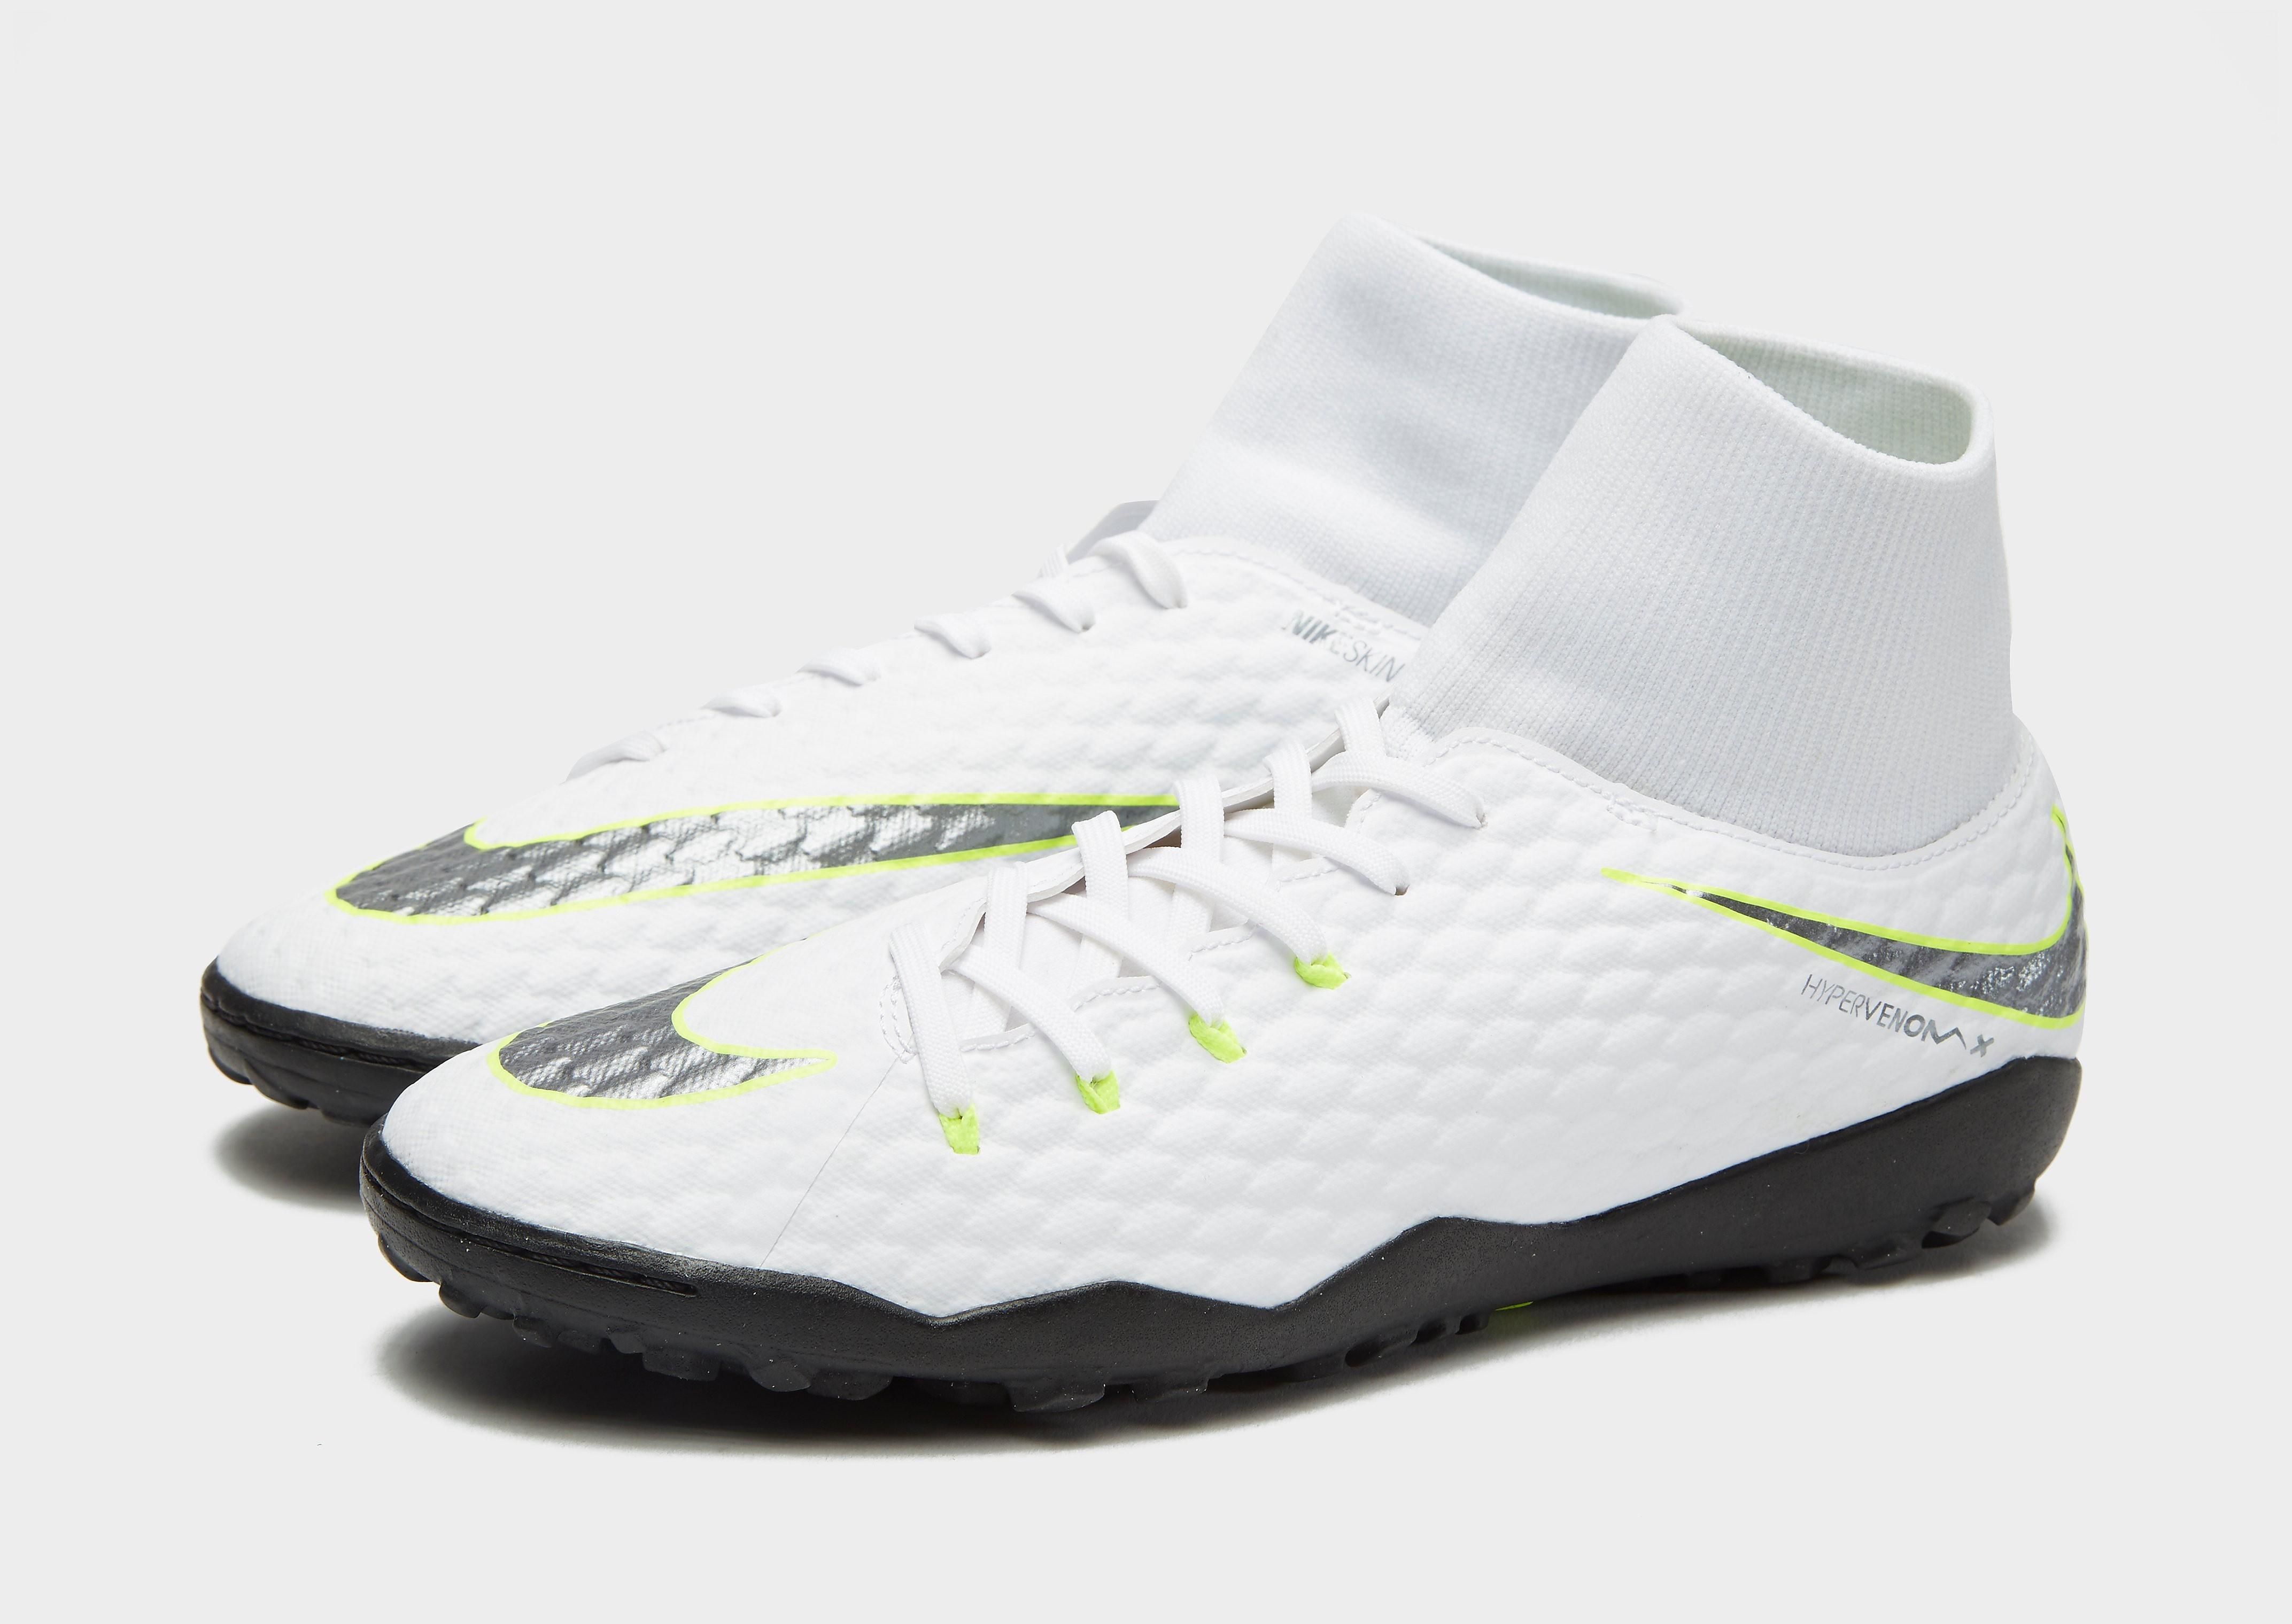 Nike Just Do It Hypervenom Phantom Dynamic Fit TF